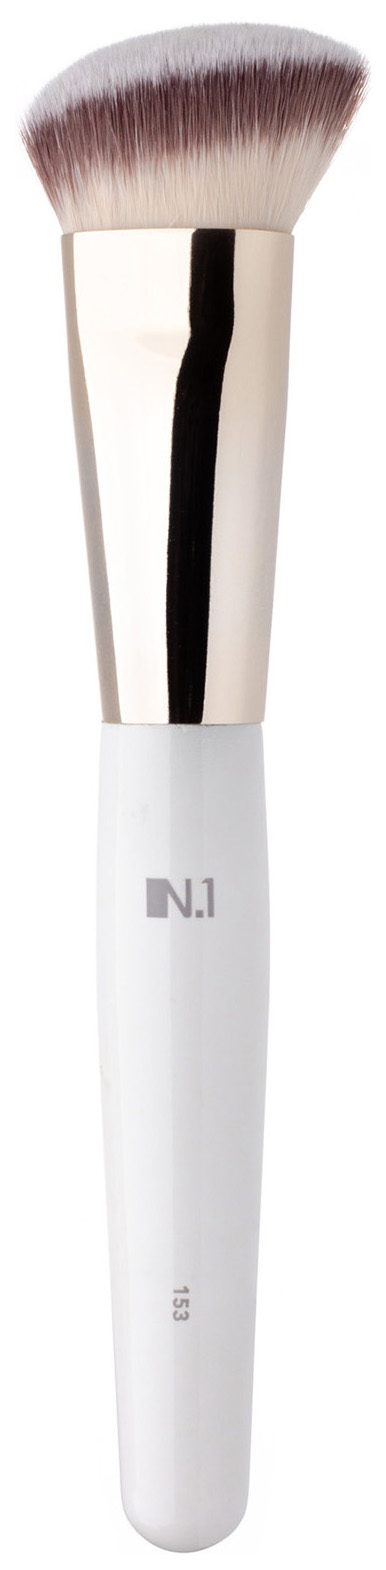 Кисть для макияжа N.1 Скошенная для контуринга лица из ворса таклон №153